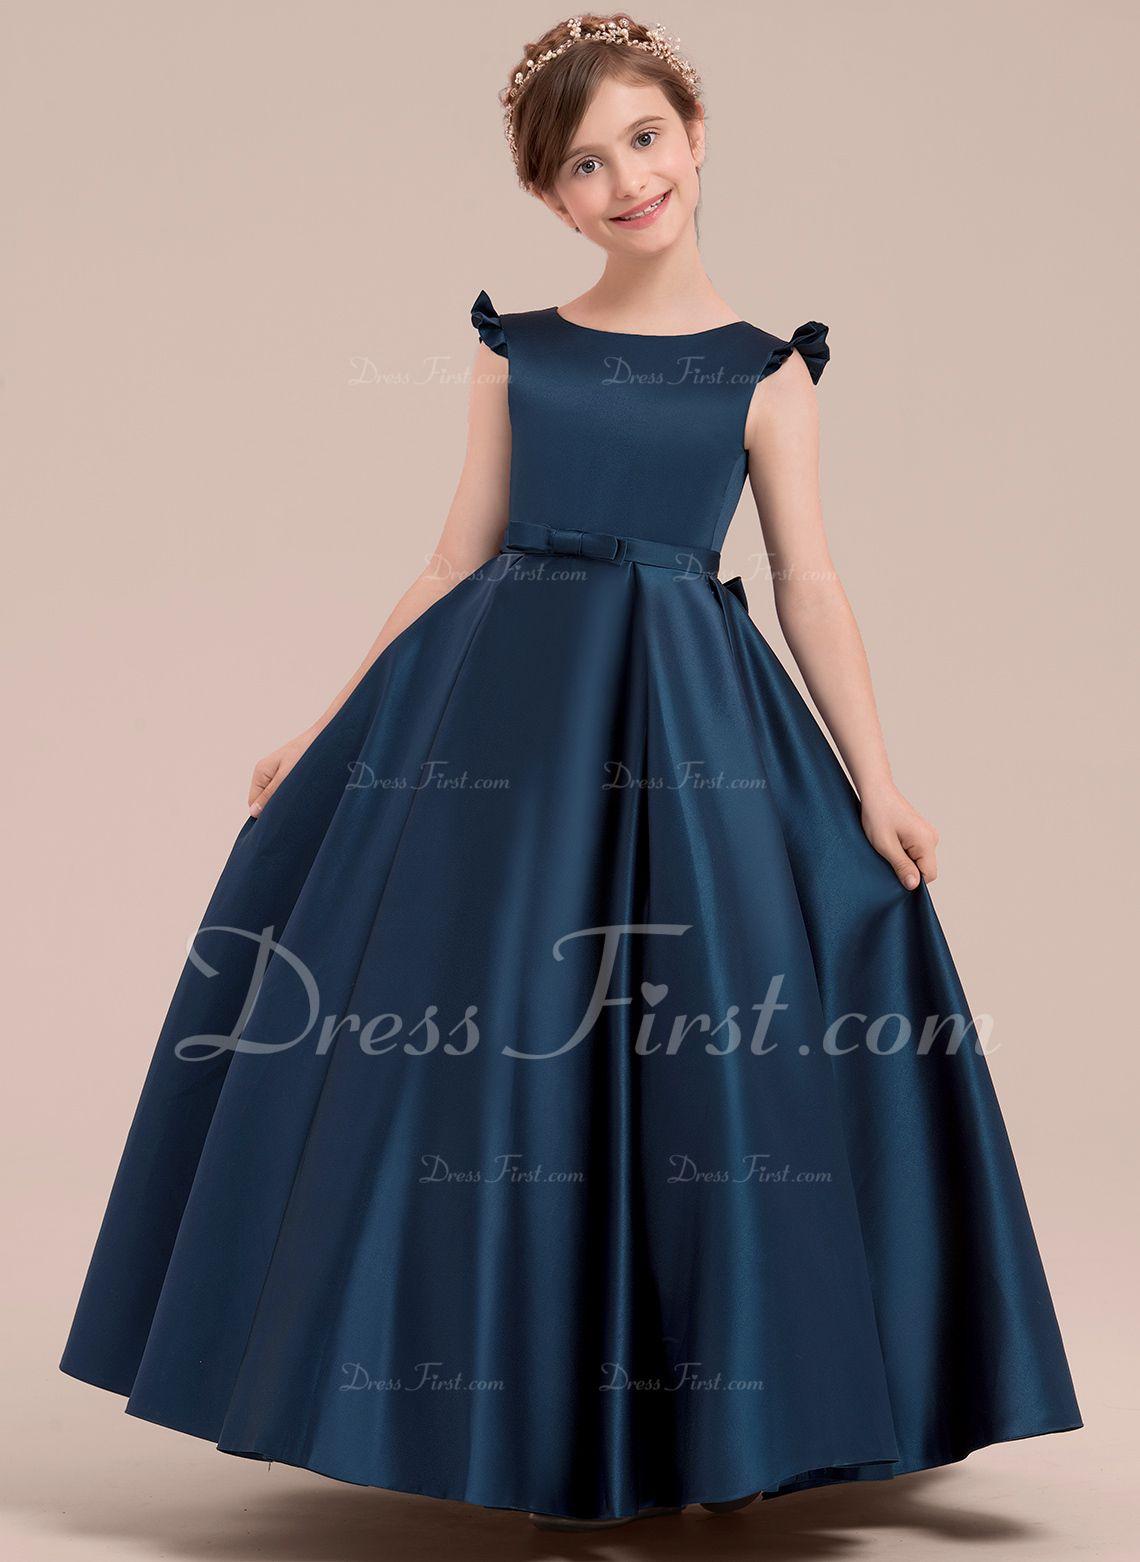 11edc09ce1 Ball Gown Floor-length Flower Girl Dress - Satin Sleeveless Scoop Neck With  Bow(s) (010143250) - Flower Girl Dresses - DressFirst